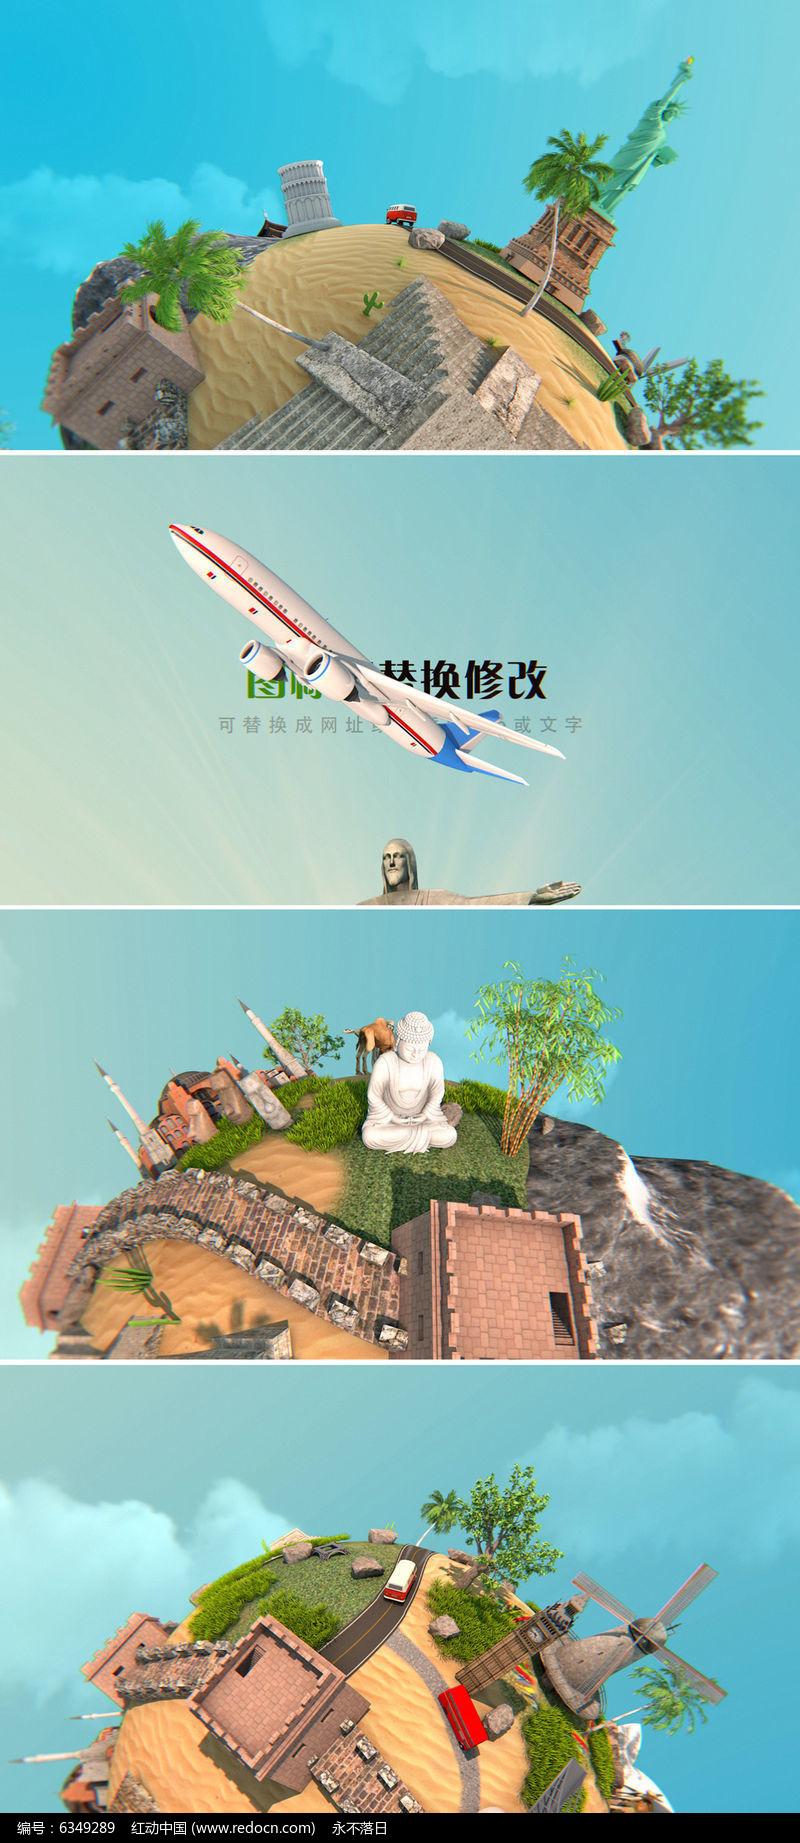 环游世界旅游节目开场片头模板图片